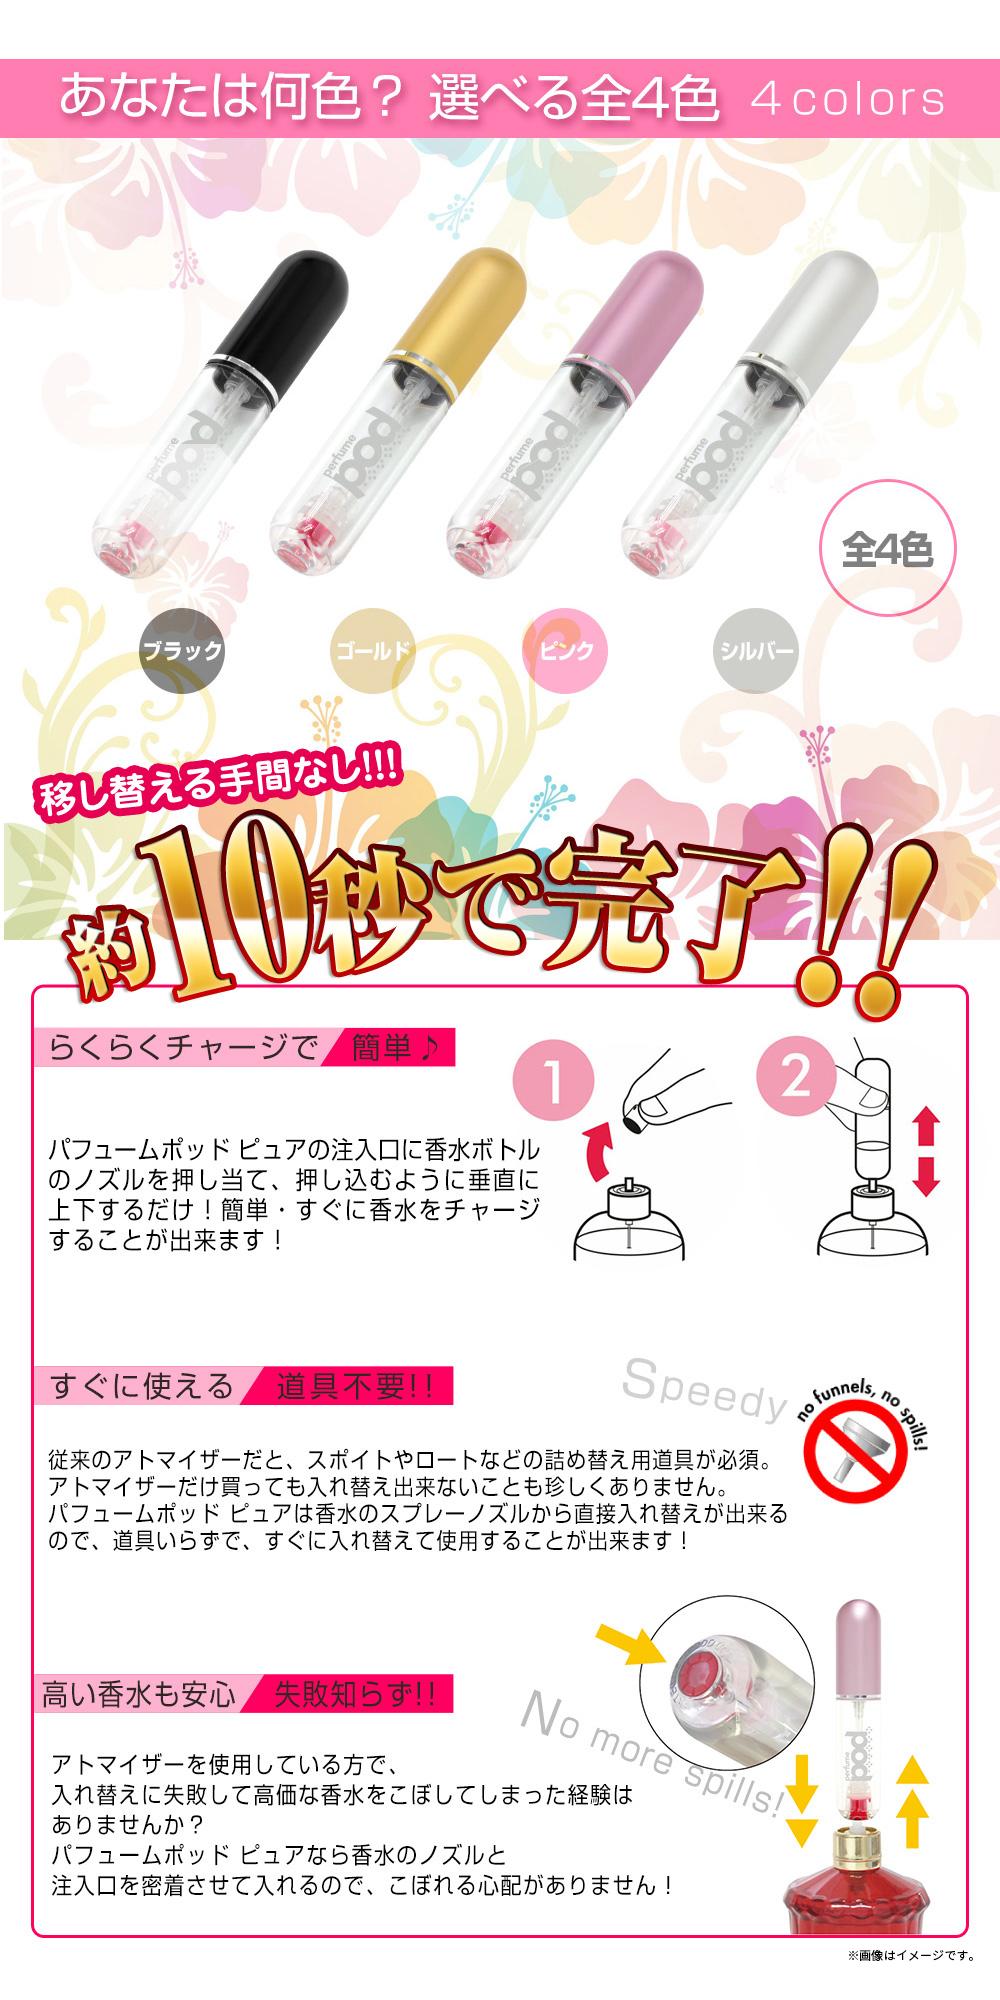 perfume pod pure(パフュームポッド ピュア)販促Webページ